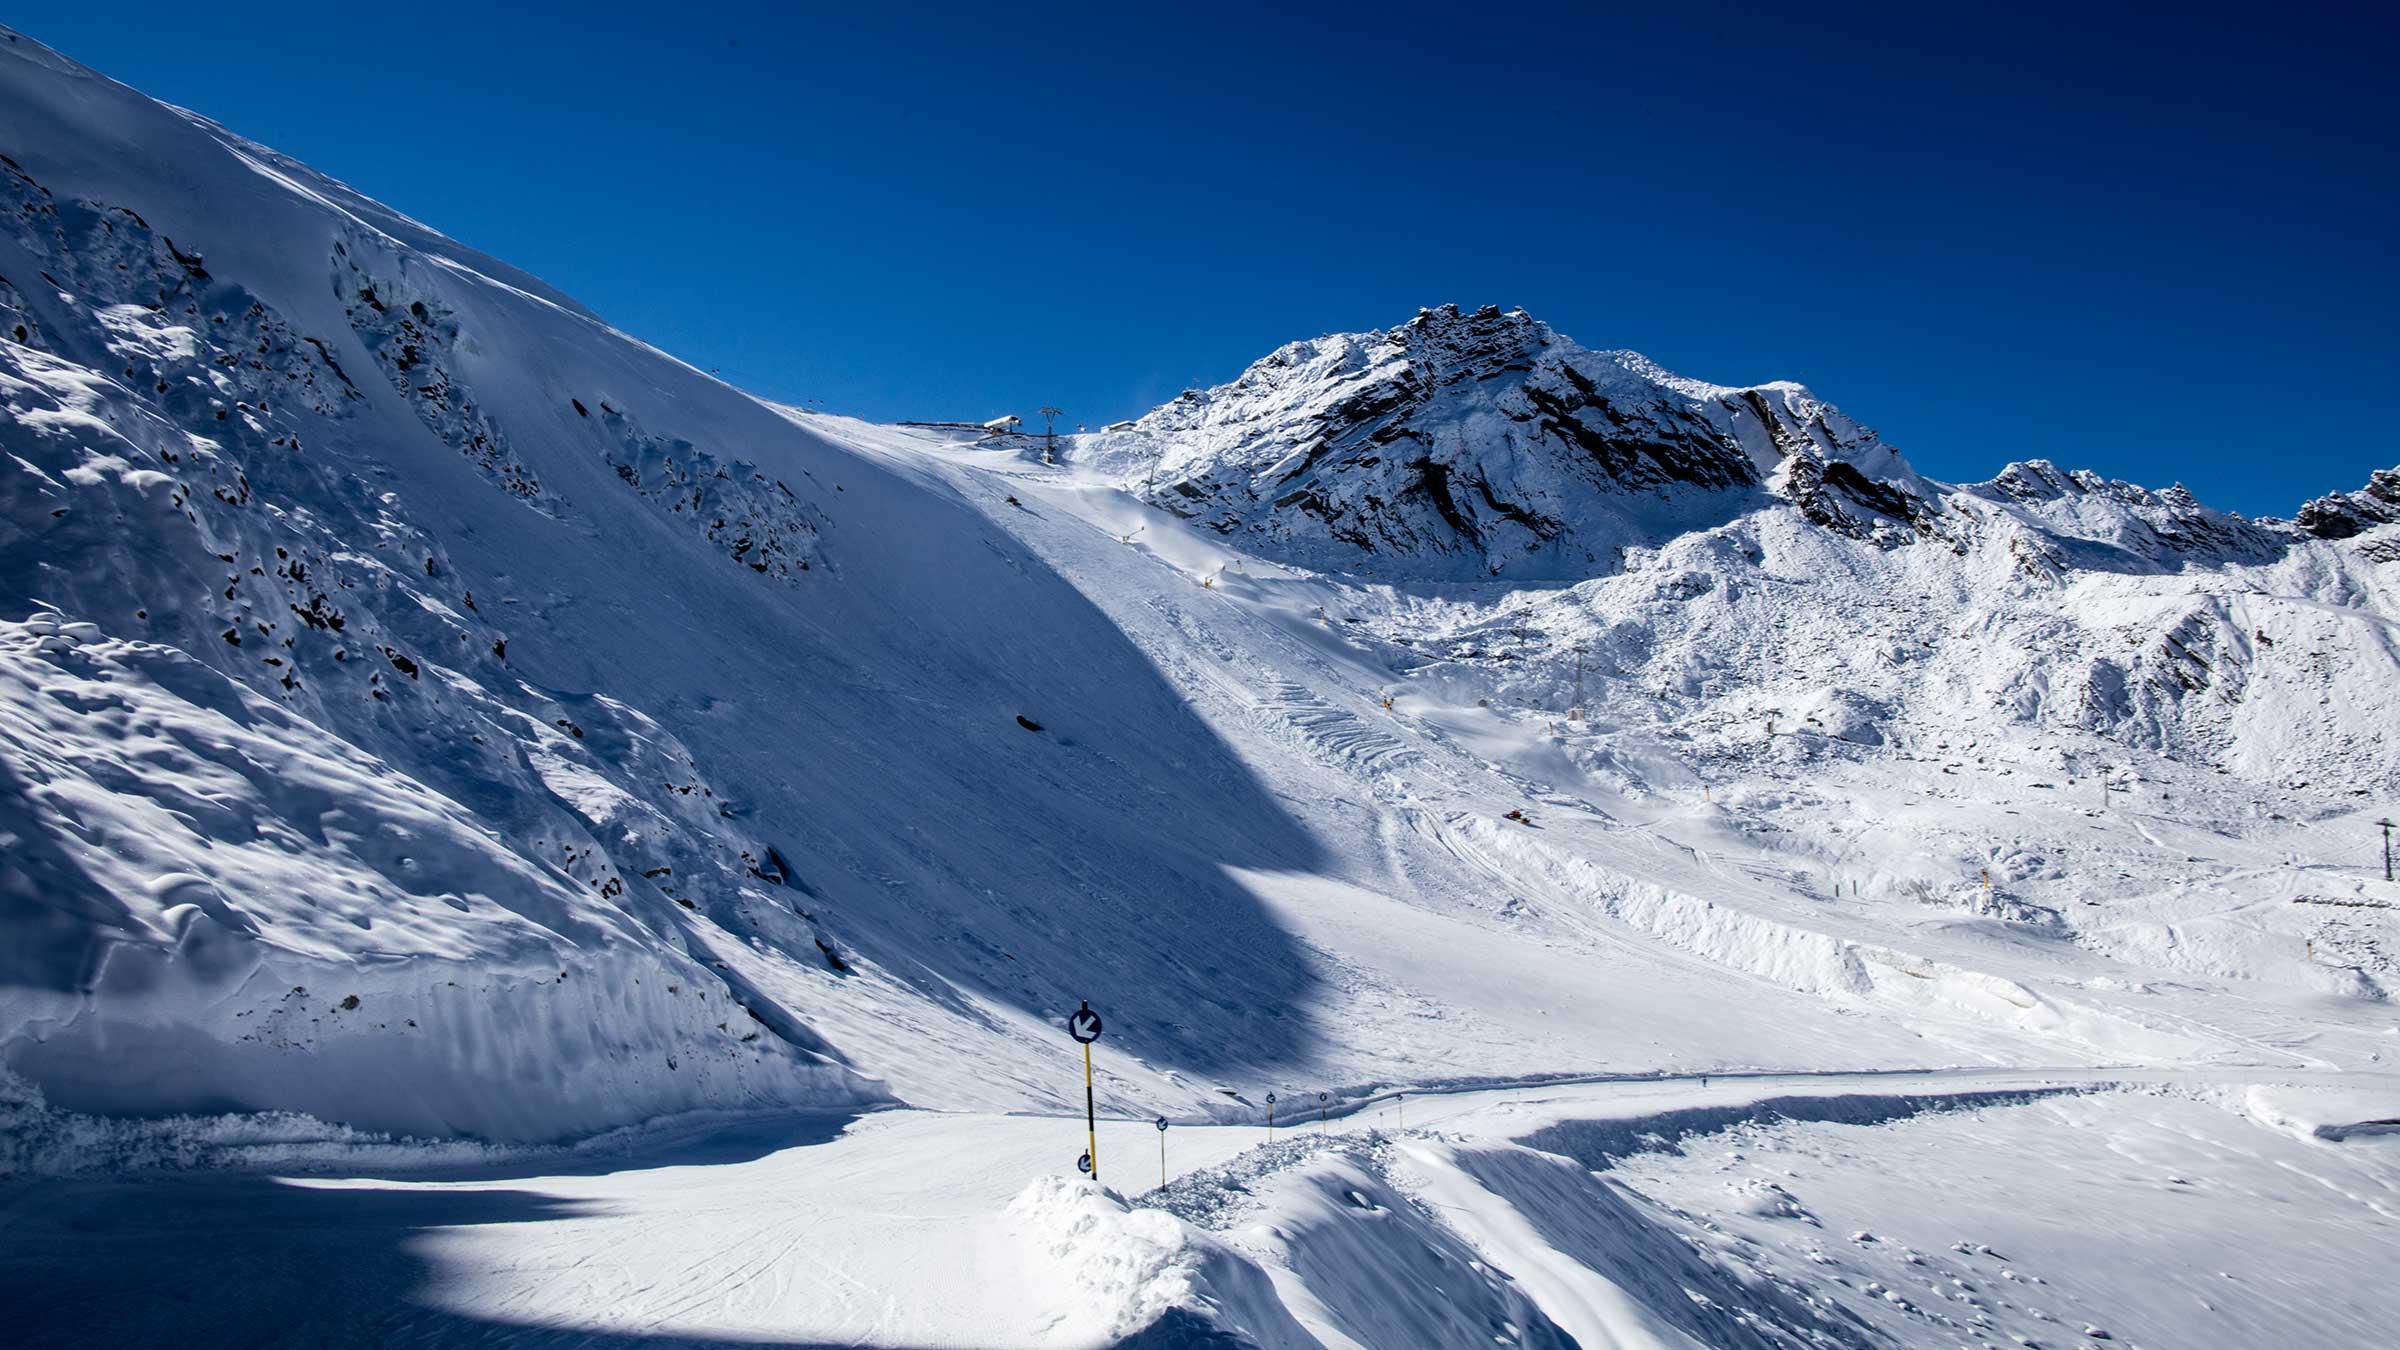 Weltcuphang mit Karleskogl im Hintergrund - Sölden, Ötztal, Tirol